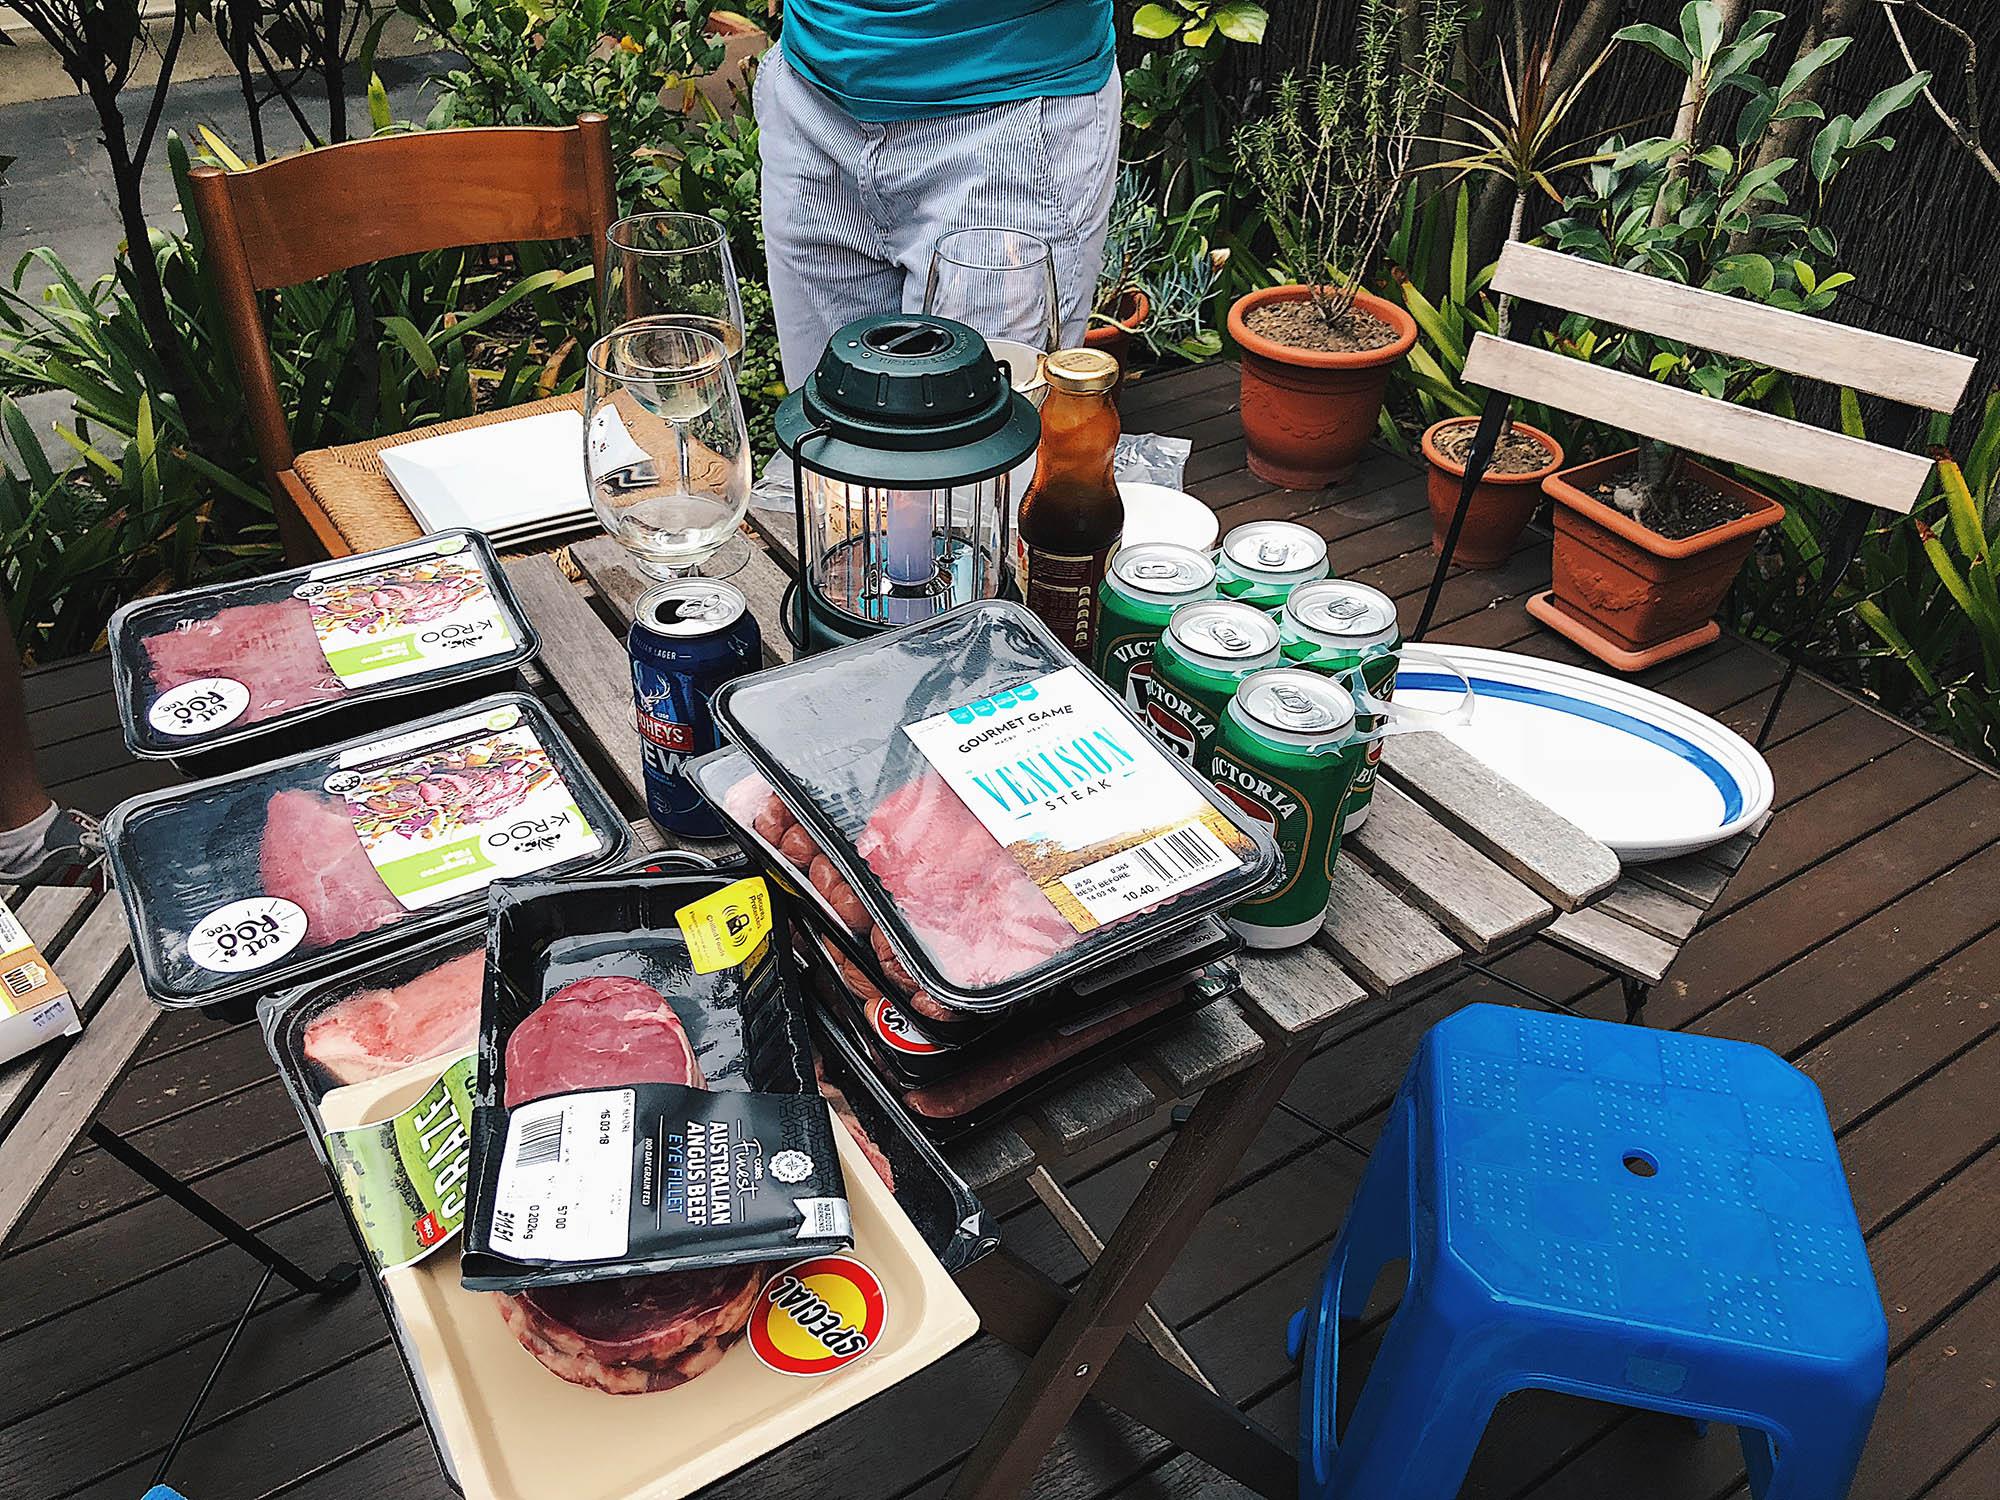 Подготовка к барбекю. 680 г стейка из кенгуру в Австралии стоят всего 230 р.